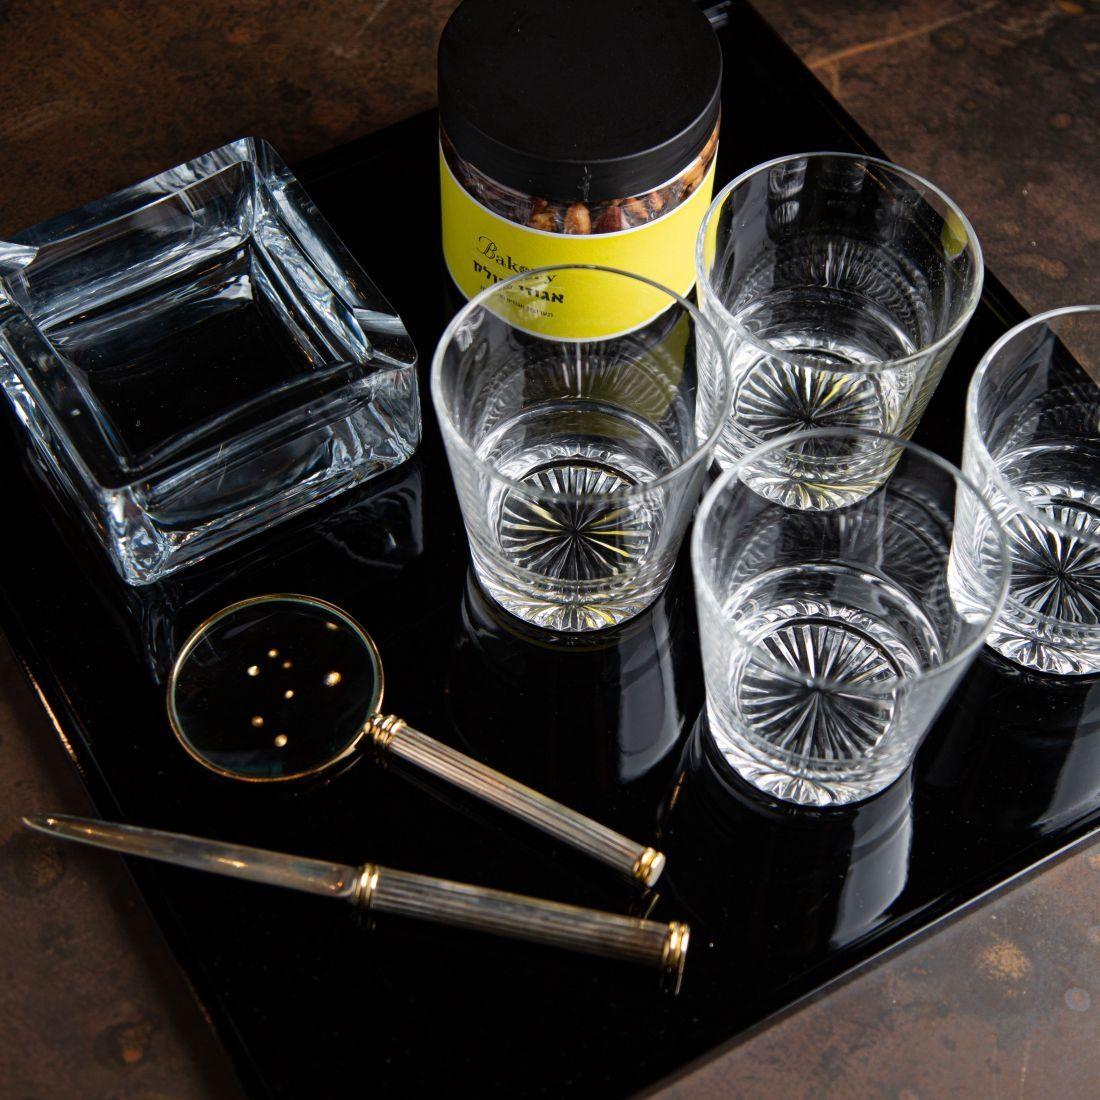 מארז מד מן - זכוכית מגדלת ופותח מכתבים וינטג', 4 כוסות ויסקי, מאפרת זכוכית ואגוזי פולק.